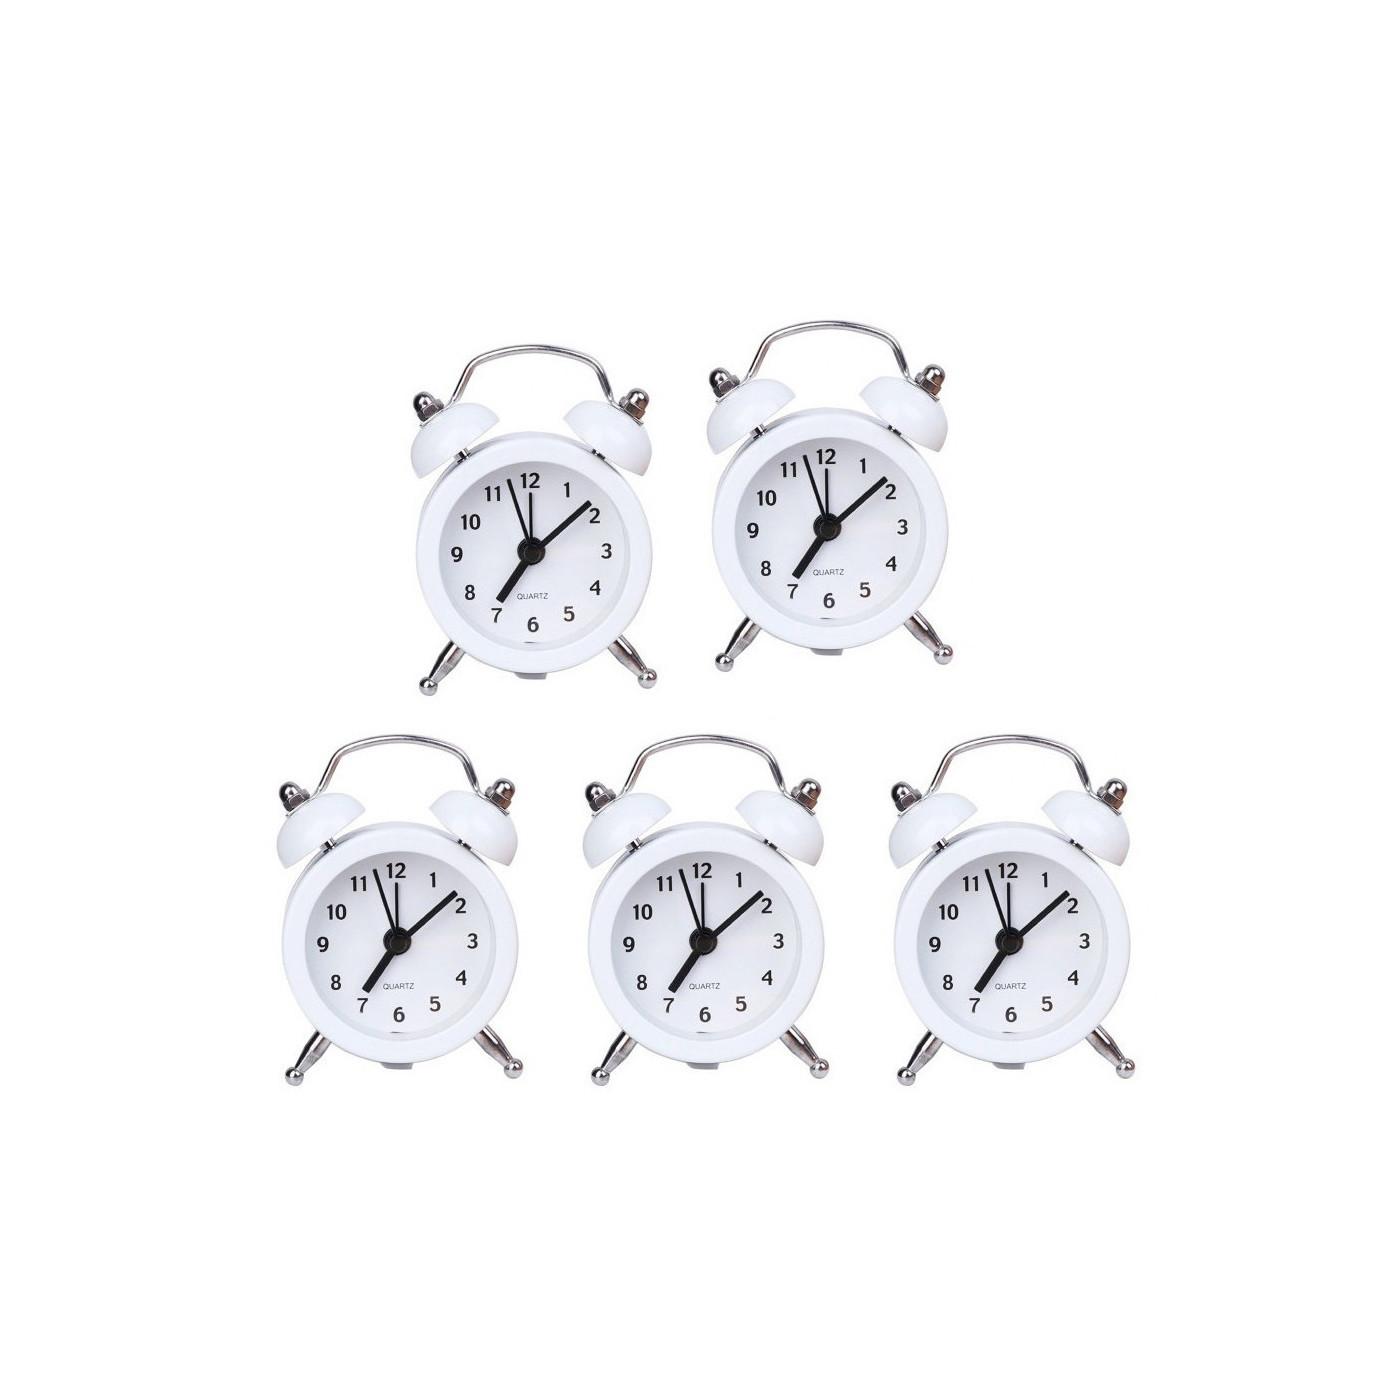 Set of 5 funny little alarm clocks (white, battery)